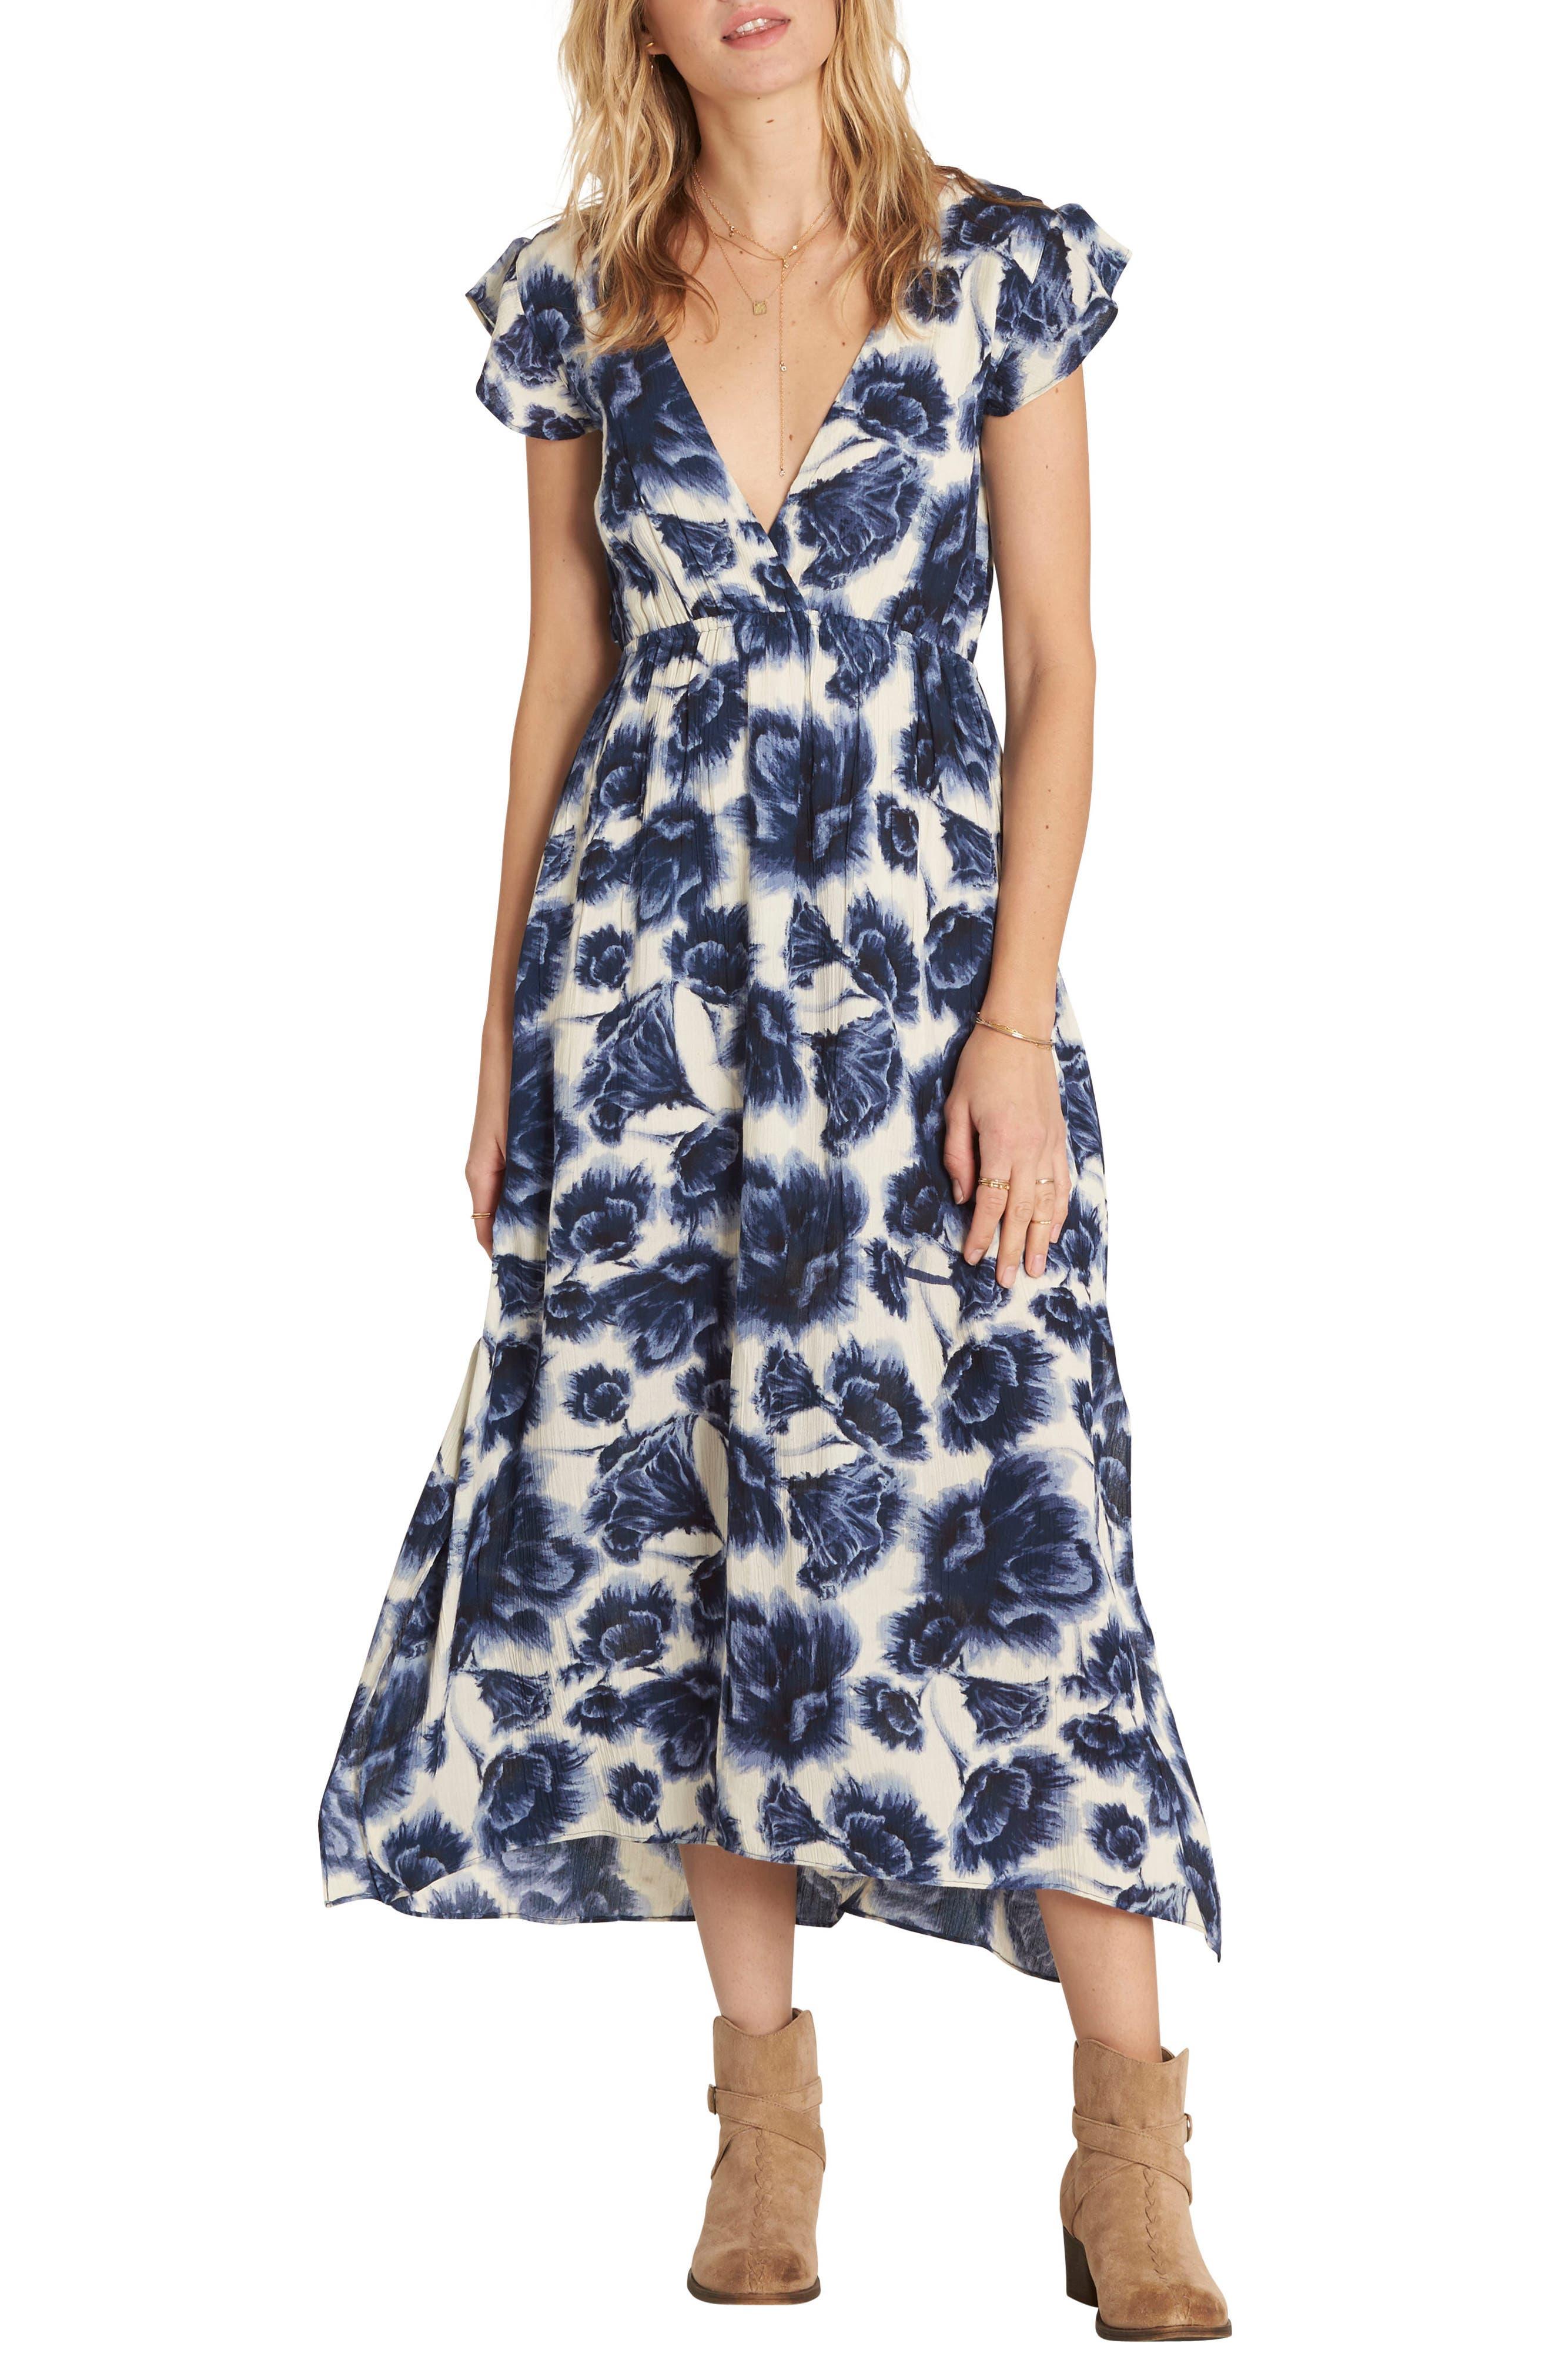 Main Image - Billabong Don't Mess Floral Print Dress